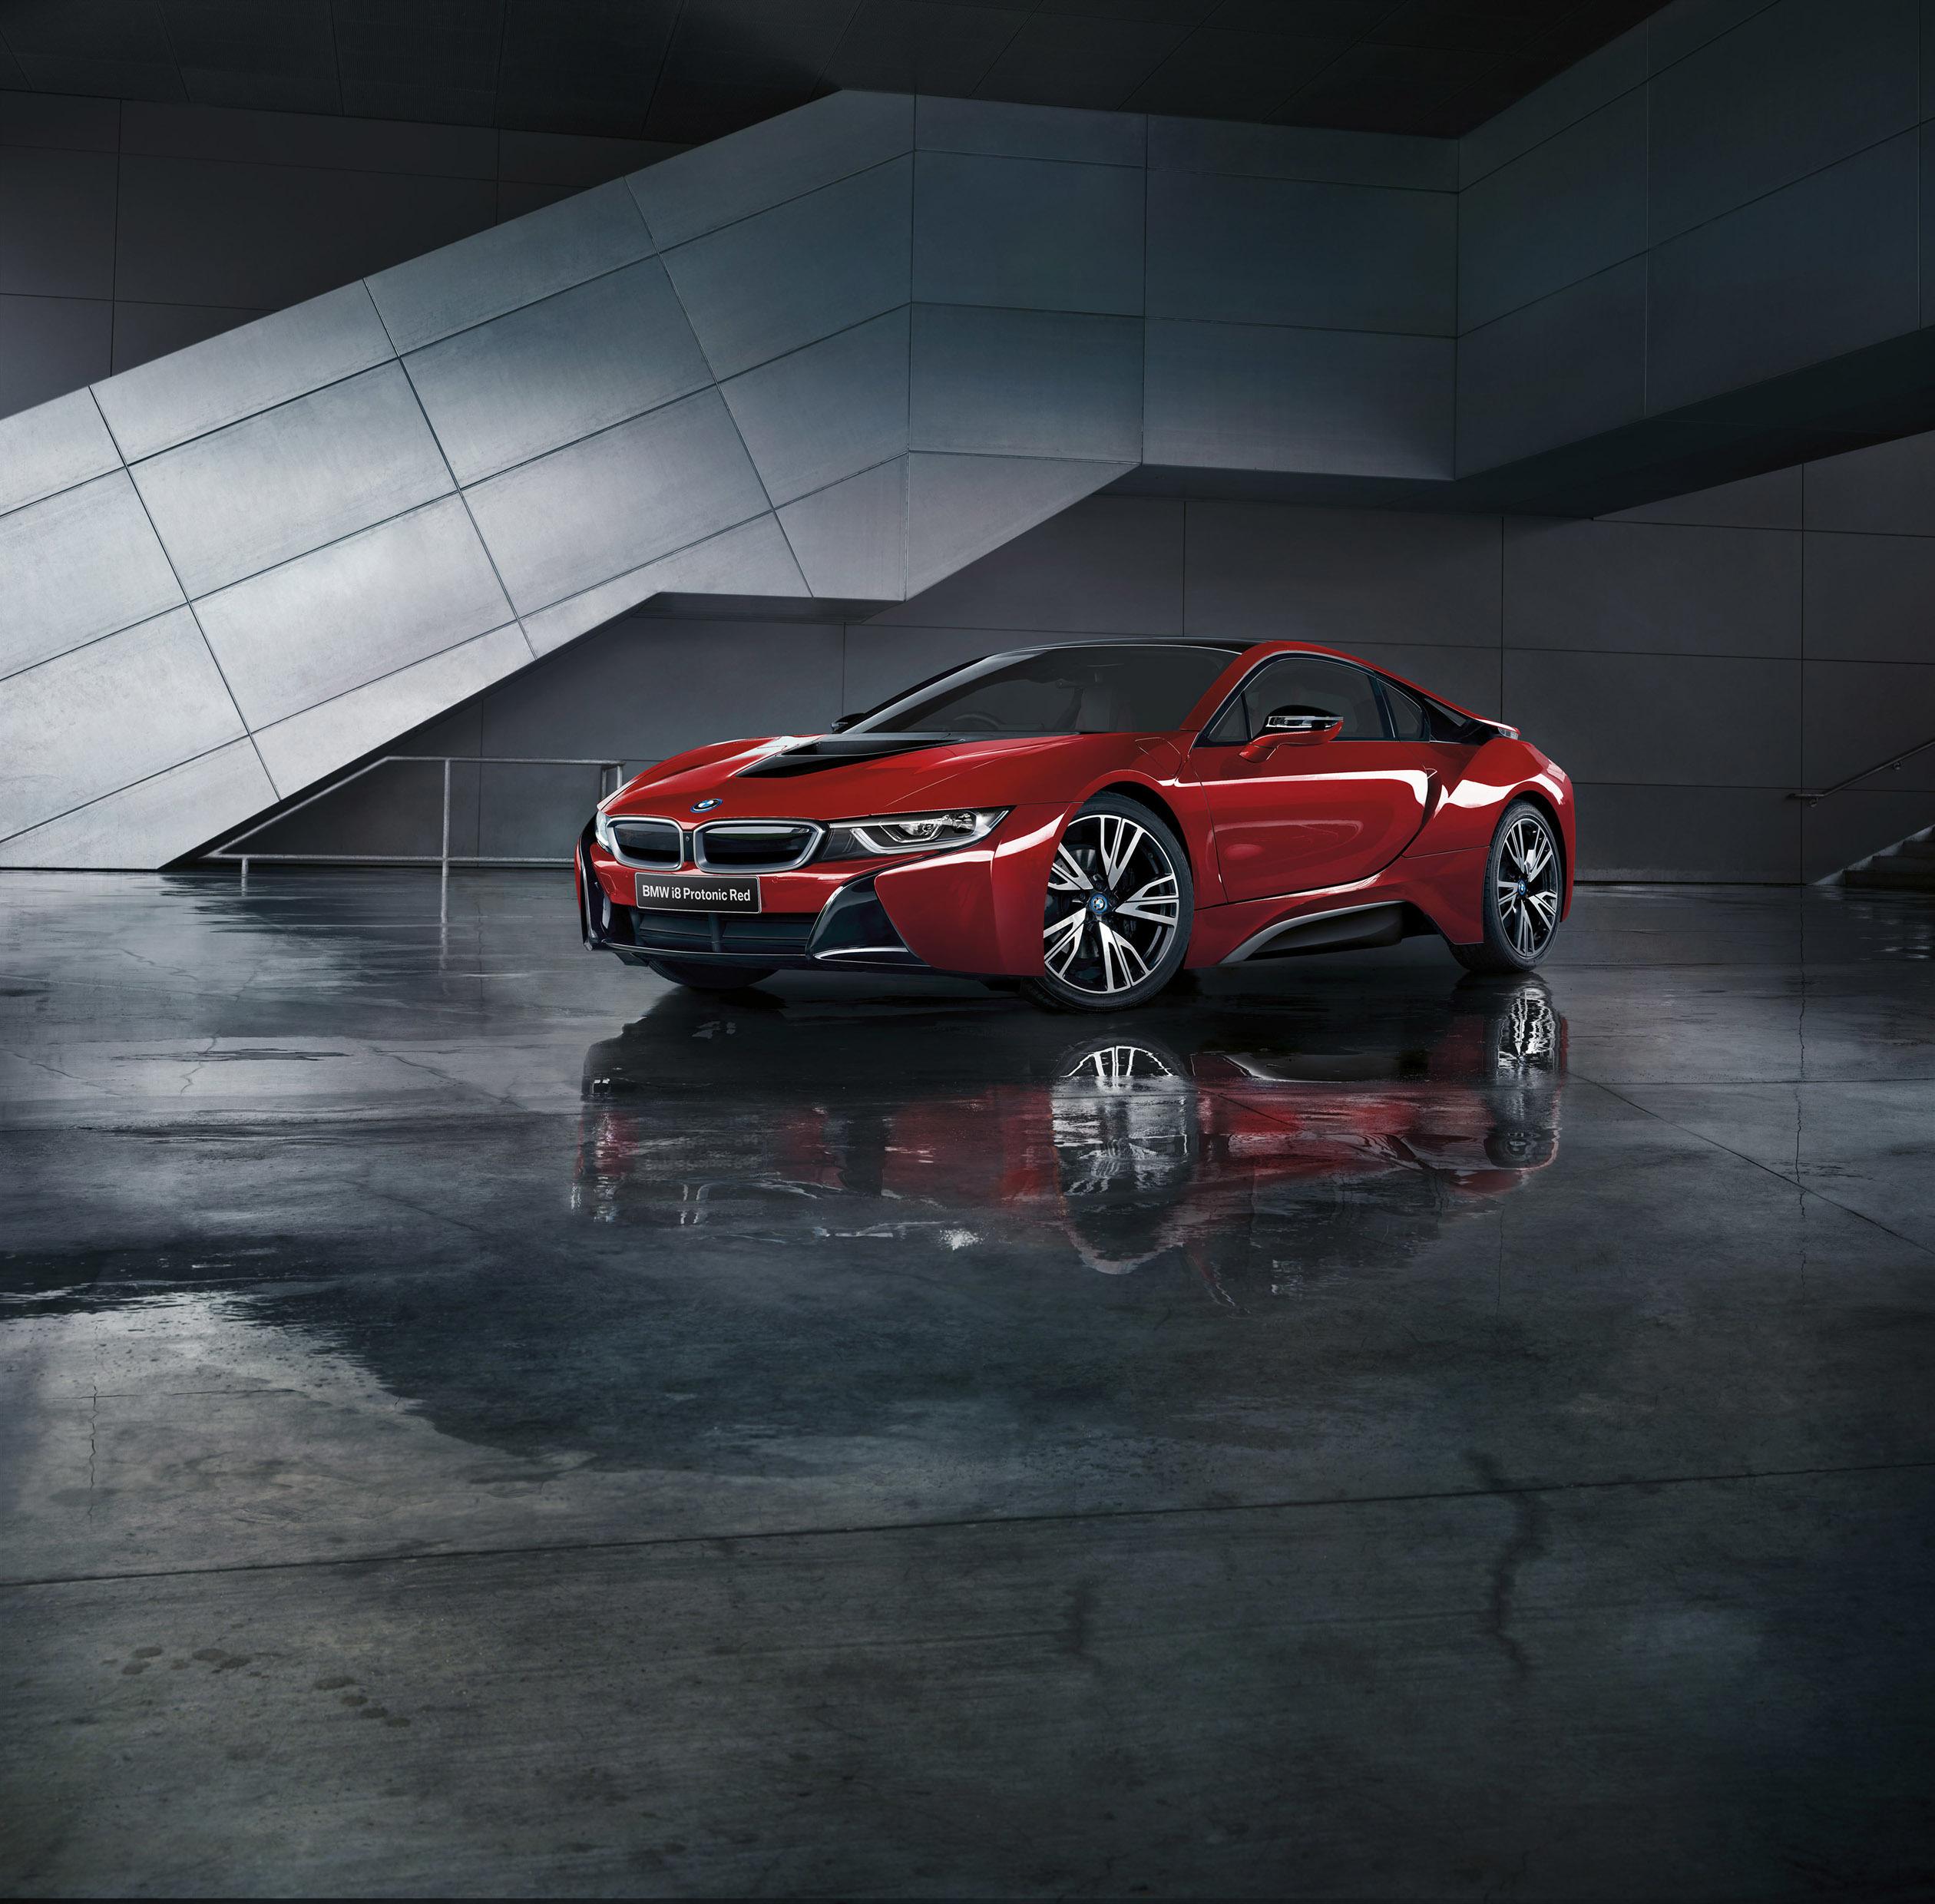 Voiture Rouge BMW Véhicule Vue De Côté Voiture De Sport Voiture Performante  Supercar I8 Capture D